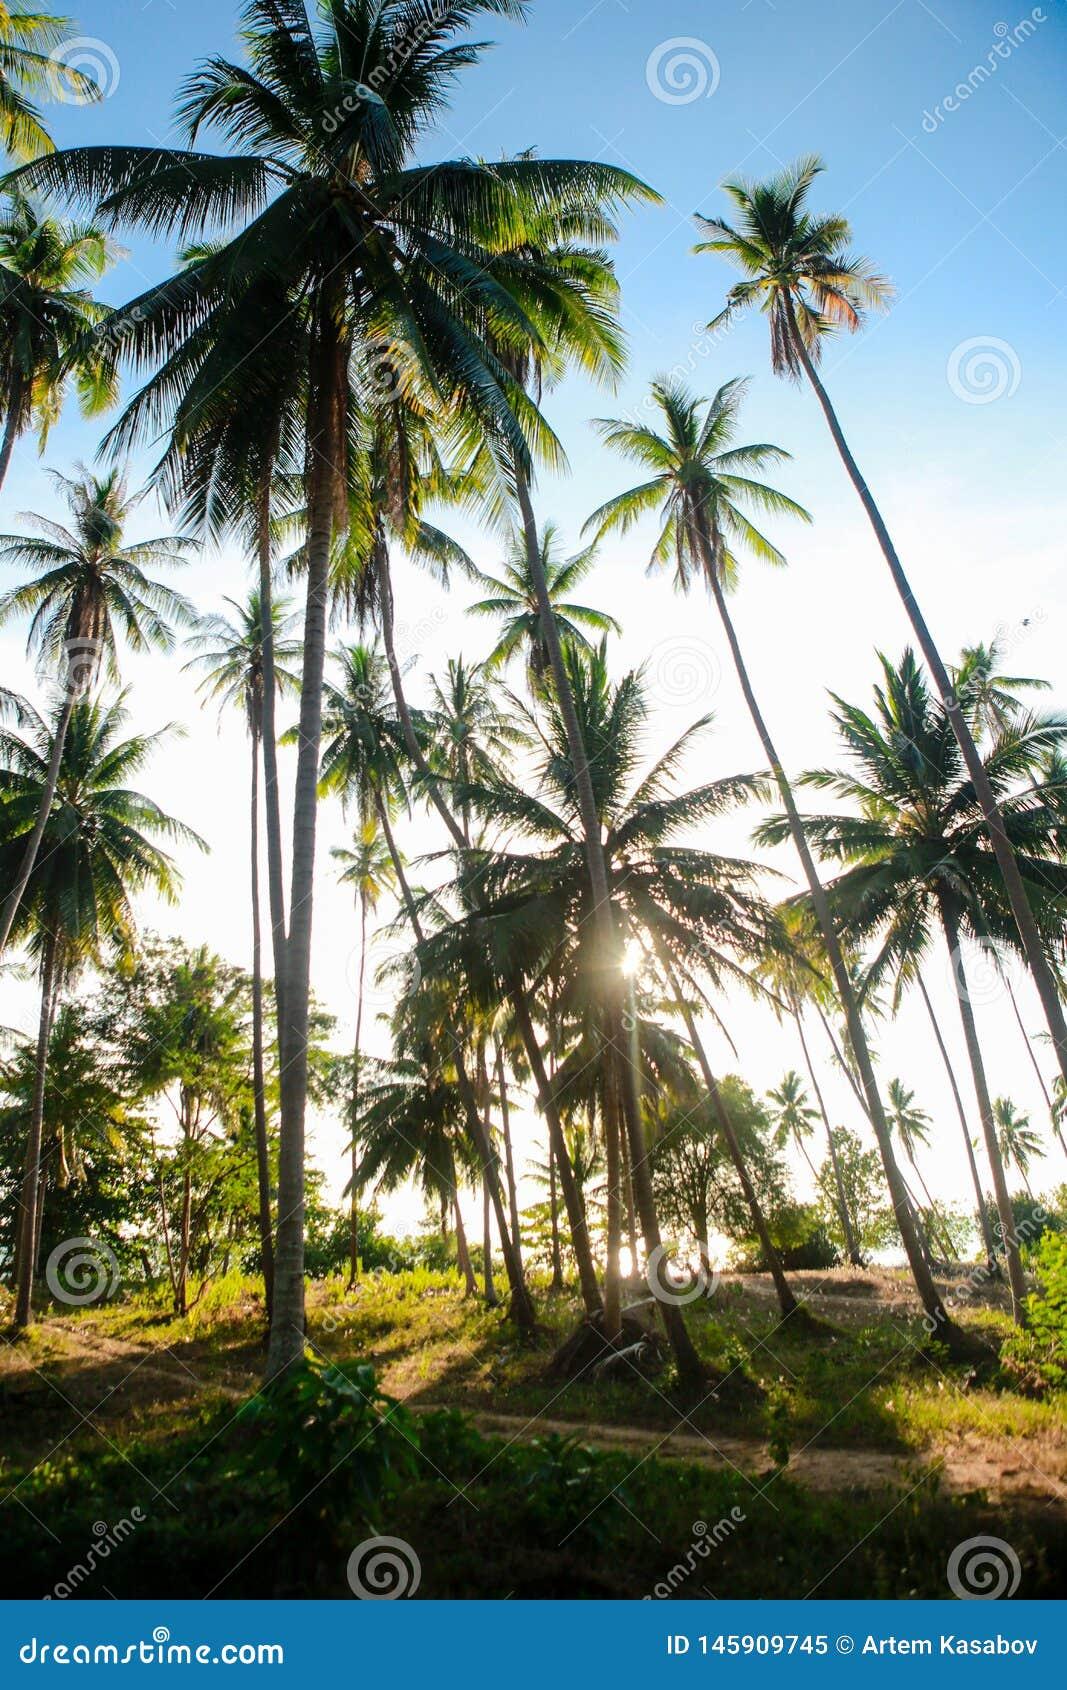 在天空蔚蓝下的椰子树丛